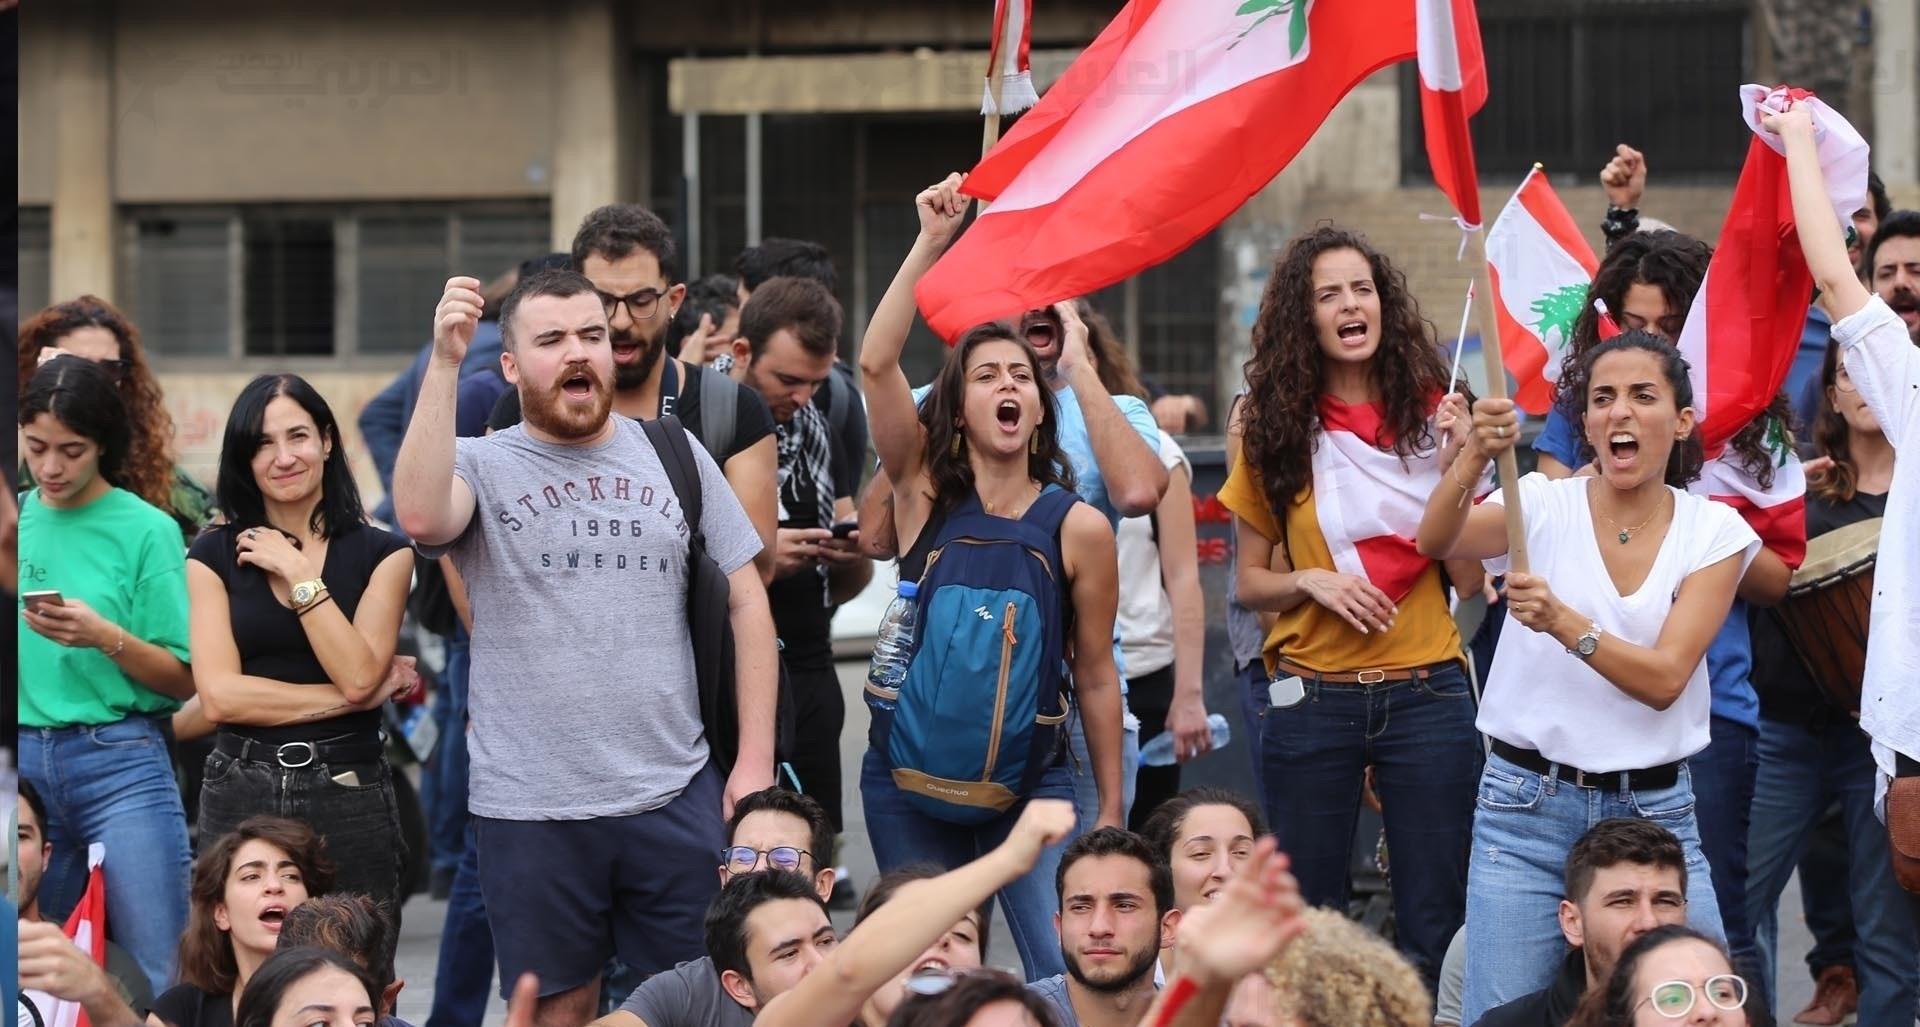 تظاهرة في بيروت.. وقوى الأمن تحثّ على تجنّب أعمال الشغب